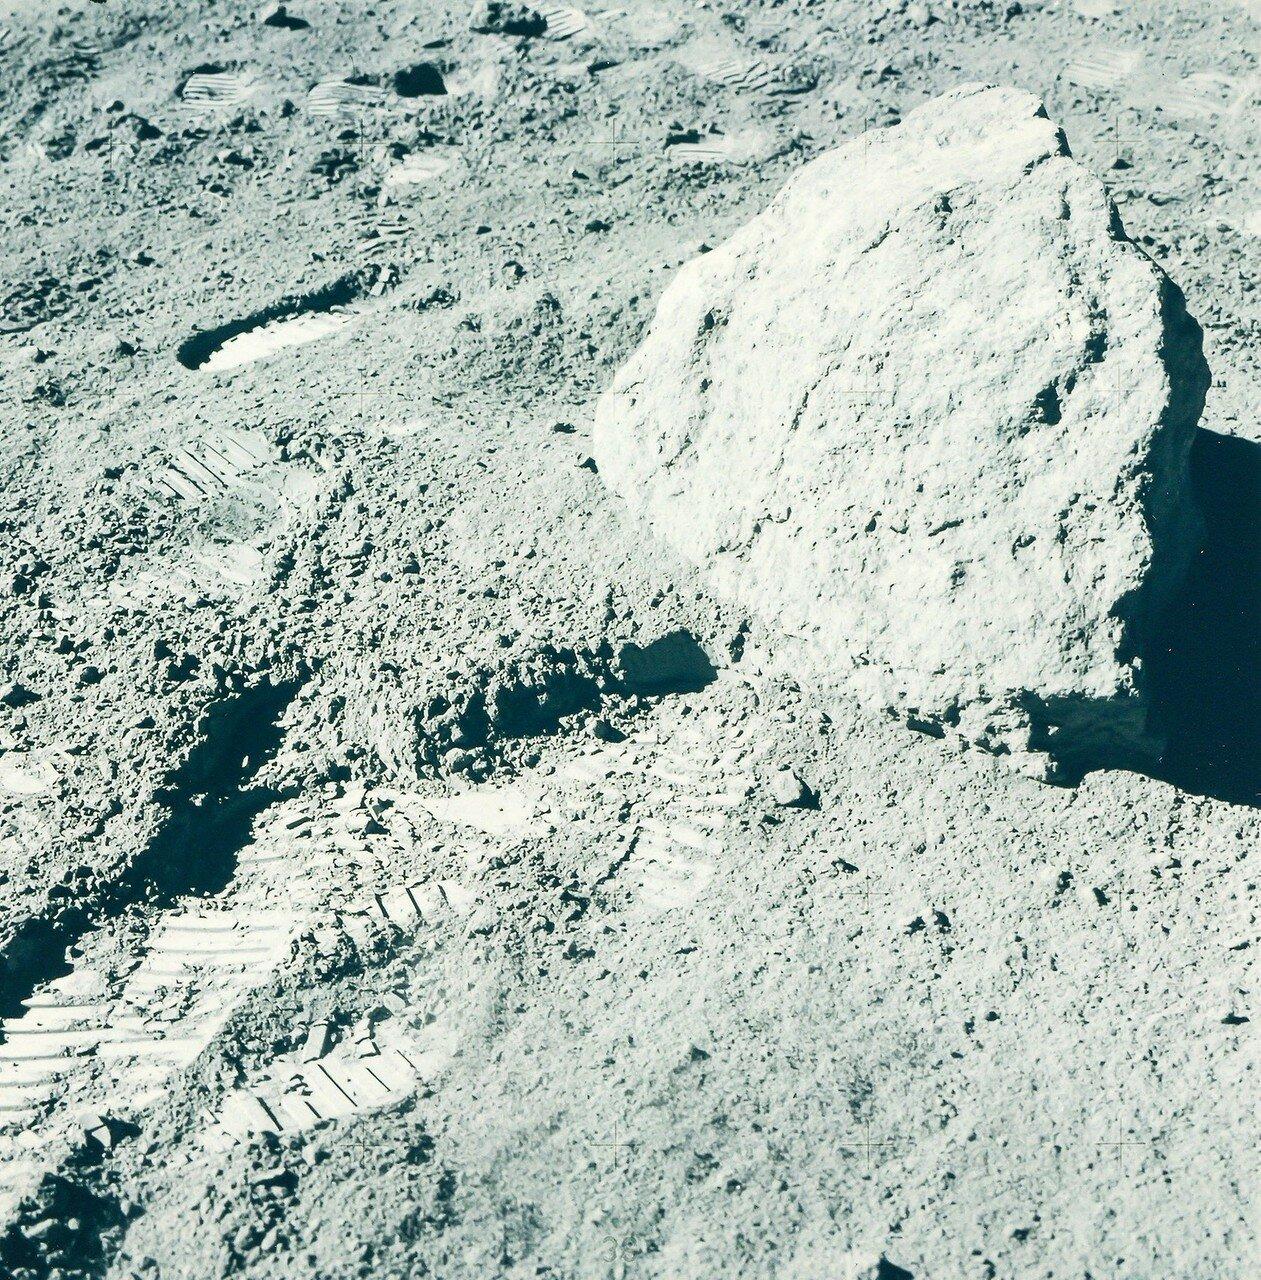 Следующую остановку (англ. Station 9) было запланировано сделать поближе к лунному модулю, на расстоянии примерно 2 км от него. На снимке: Выборки лунной породы на станции 9